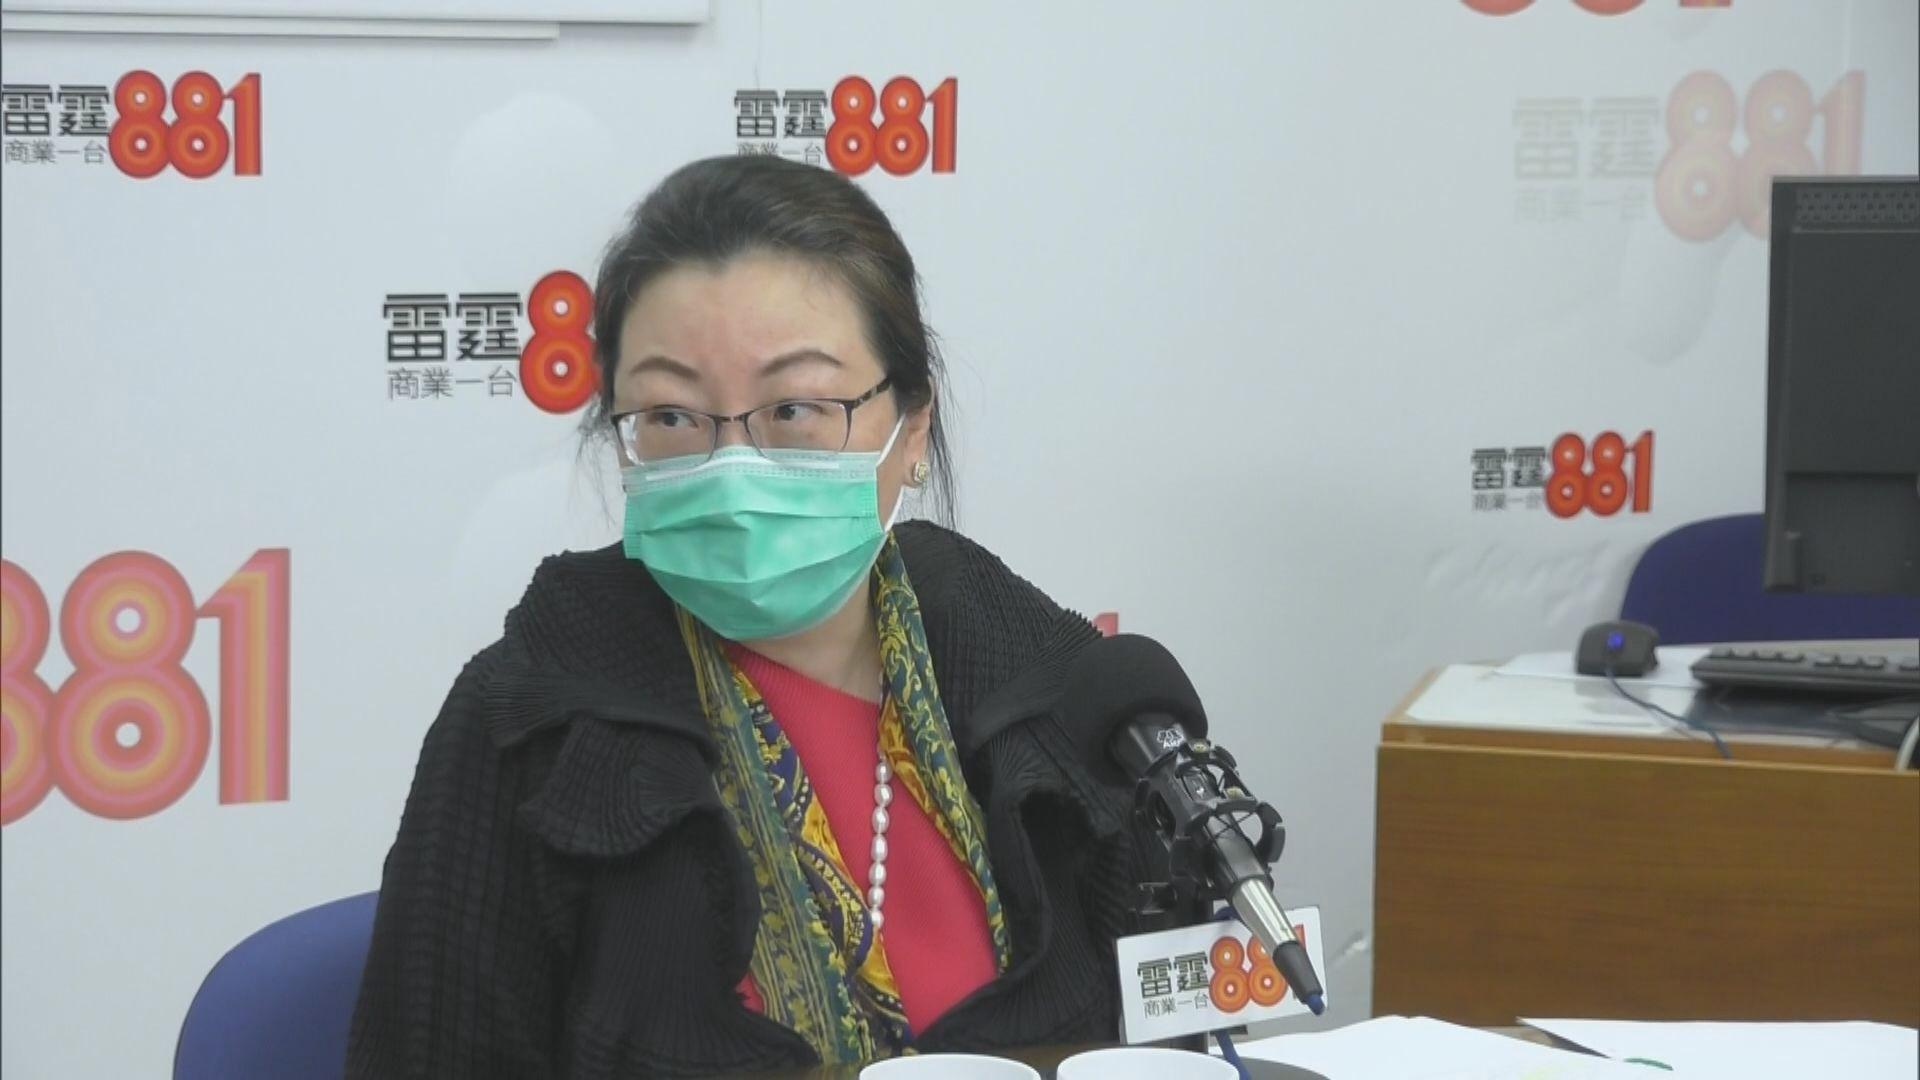 鄭若驊:毋須擔心港區國安法影響言論自由